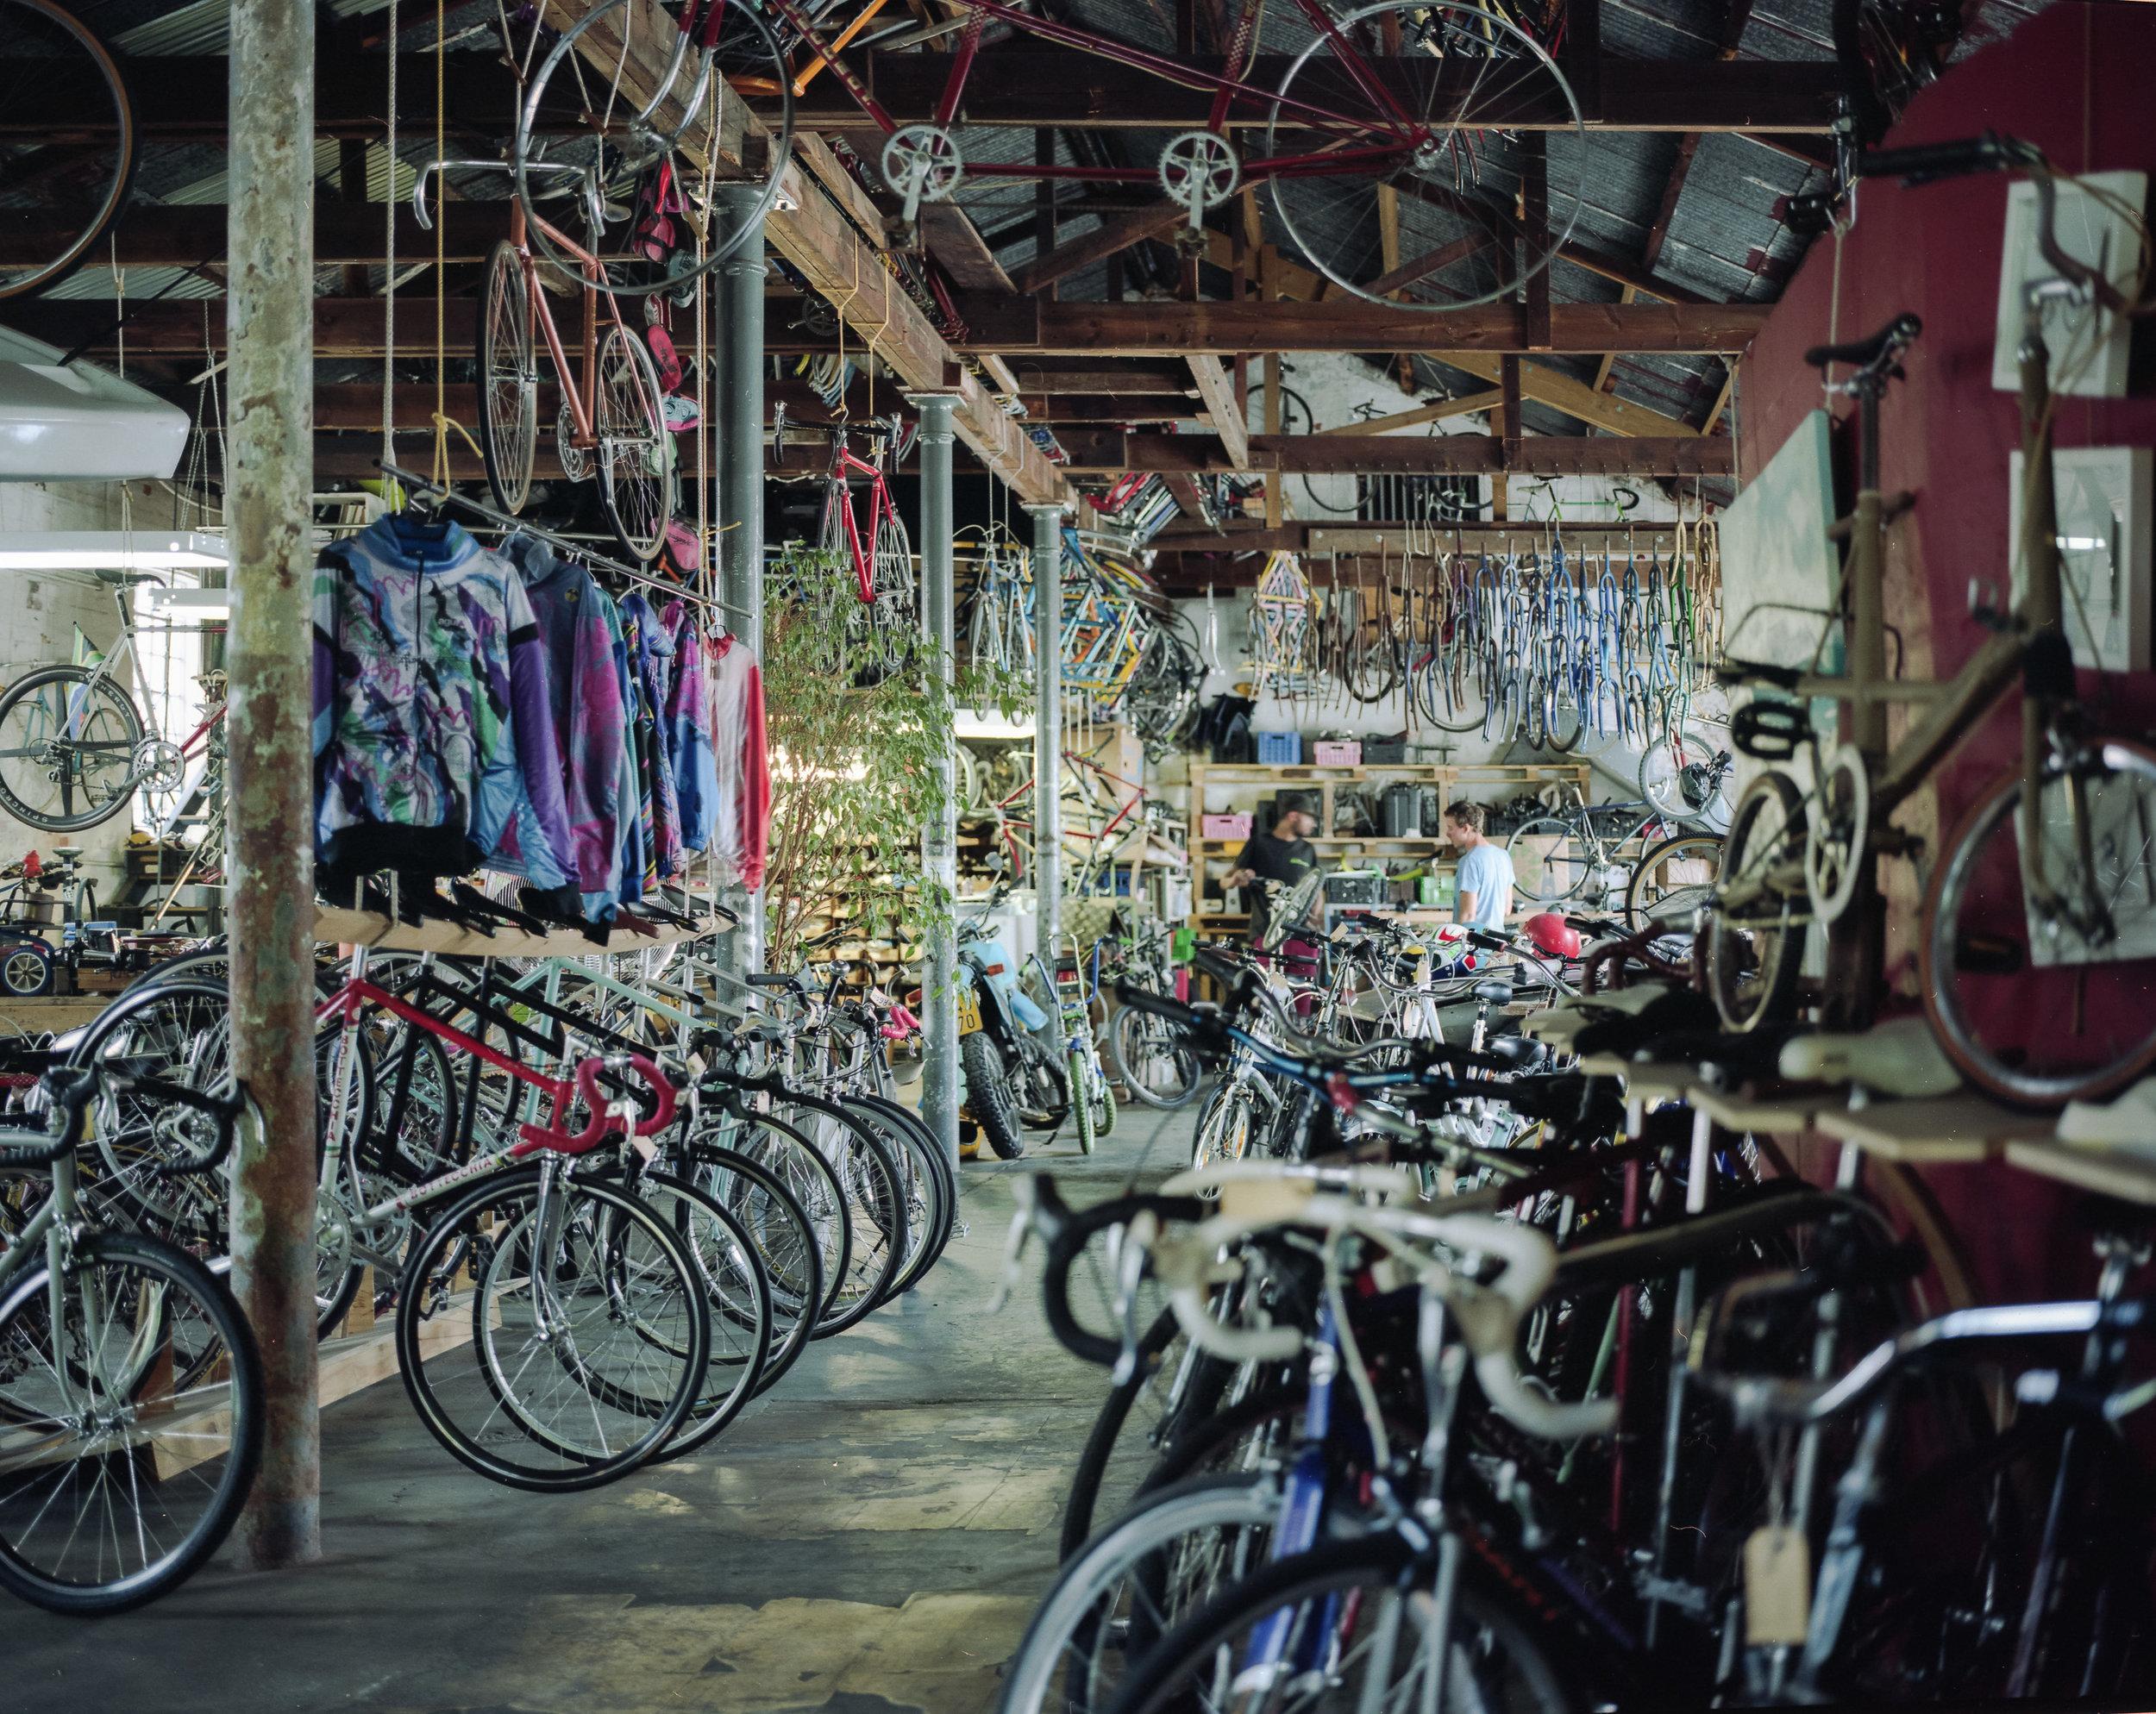 cycleworks019.jpg